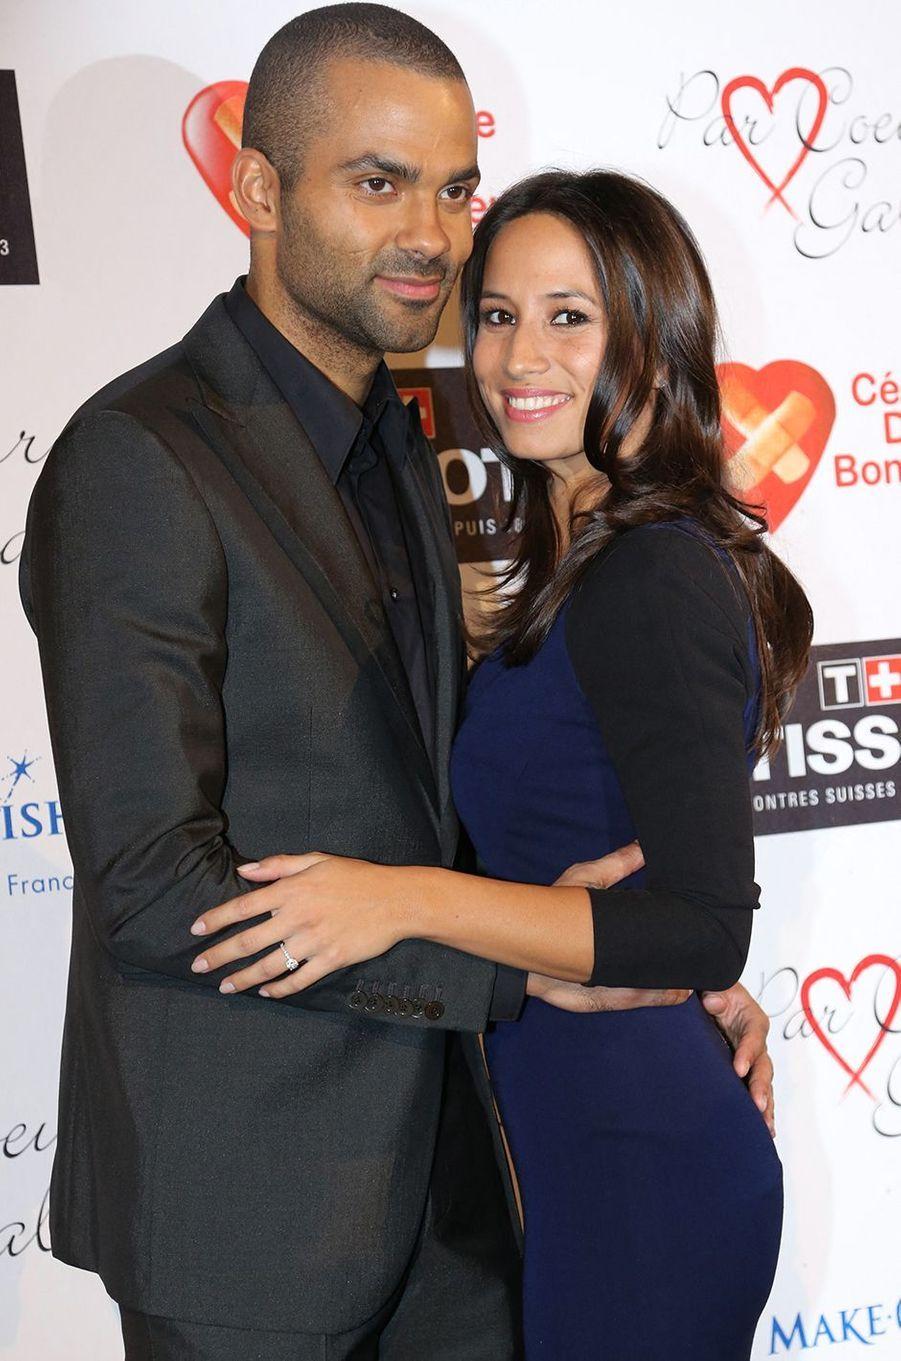 Axelle et Tony Parker lors d'une soirée pour l'association Par Coeur Gala àCollonges en septembre 2013